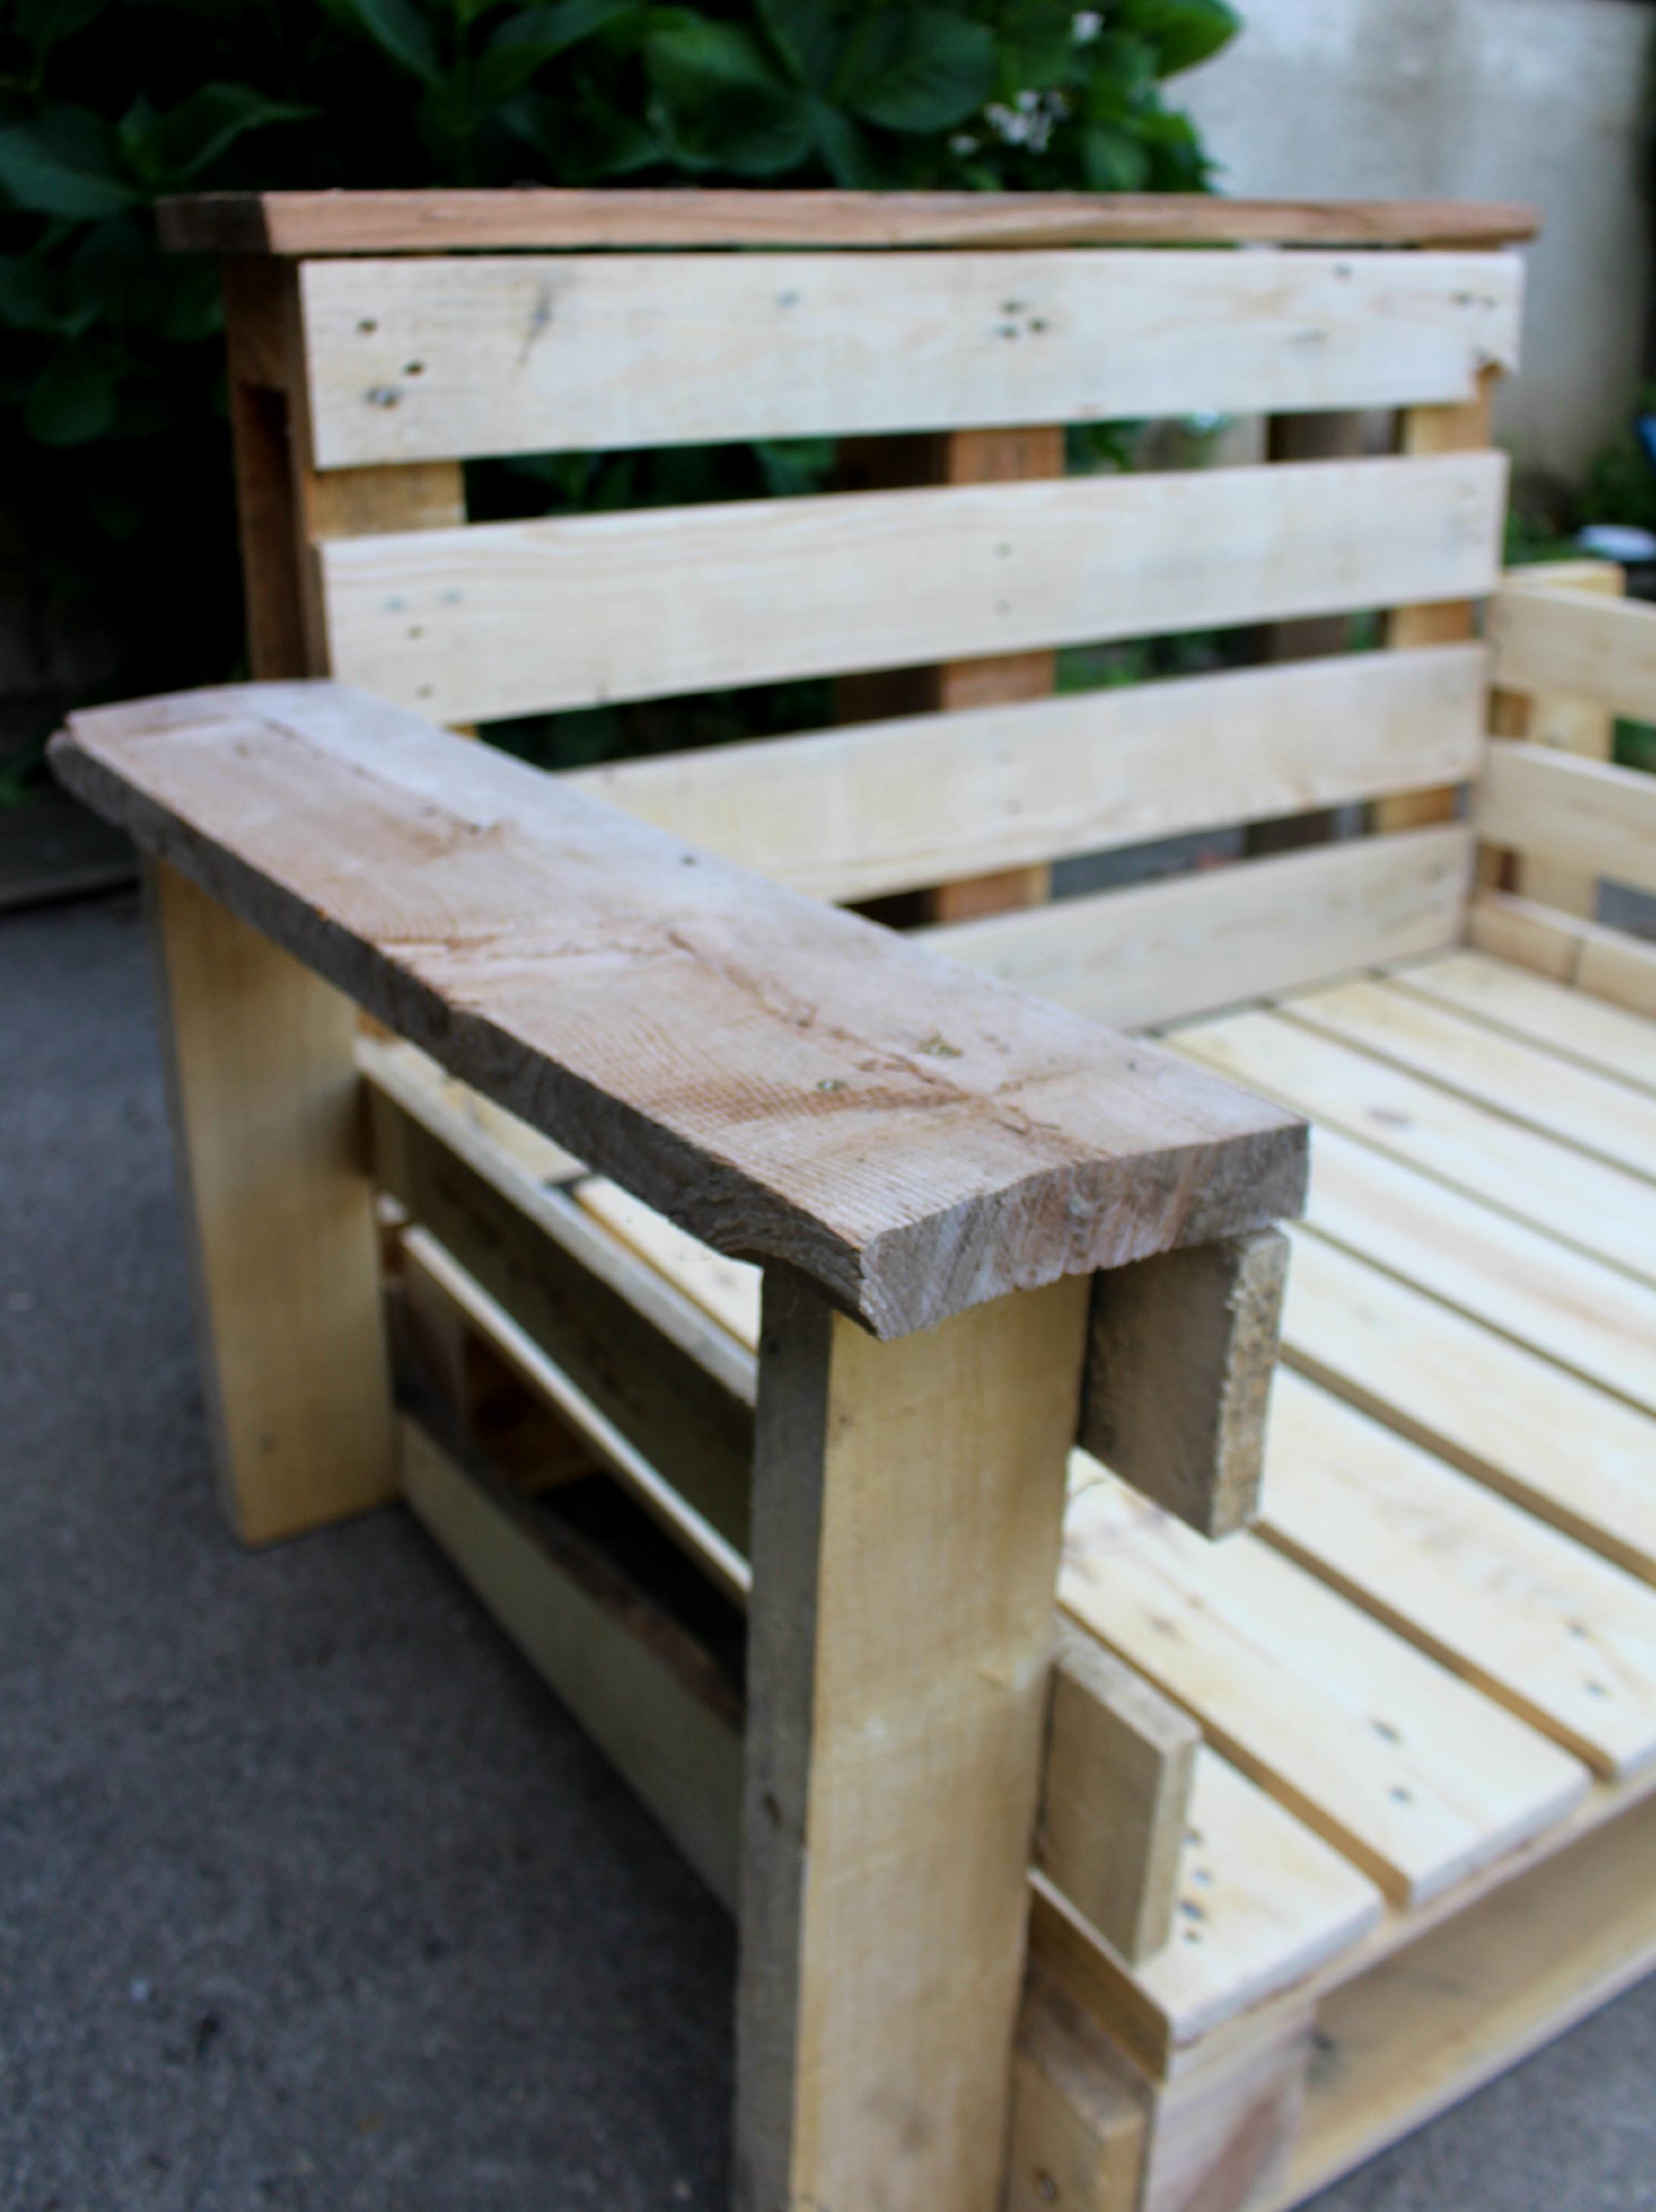 Diy fauteuil outdoor et oui c est possible woodhappen for Fabrication de fauteuil de jardin en palette